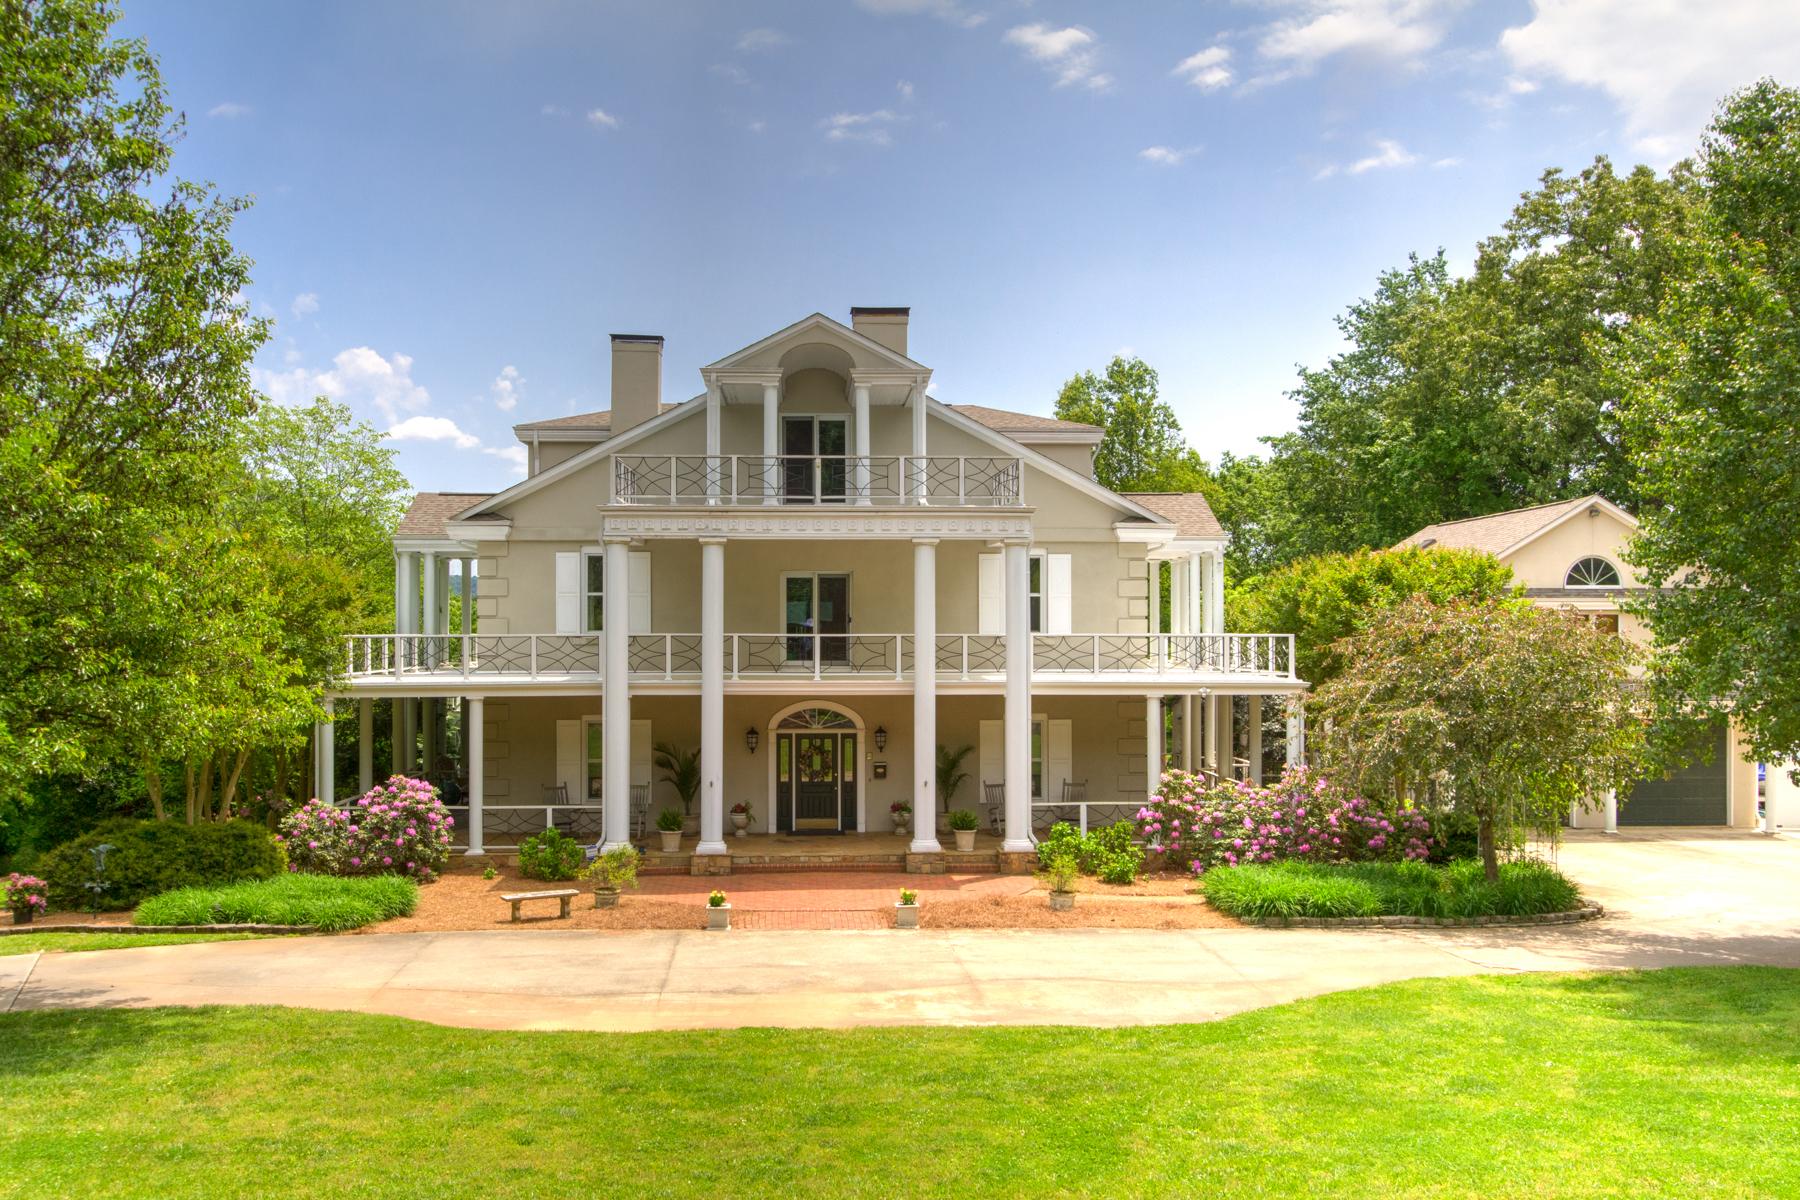 Maison unifamiliale pour l à vendre à 531 W Main St , Elkin, NC 28621 Elkin, Carolina Du Nord, 28621 États-Unis